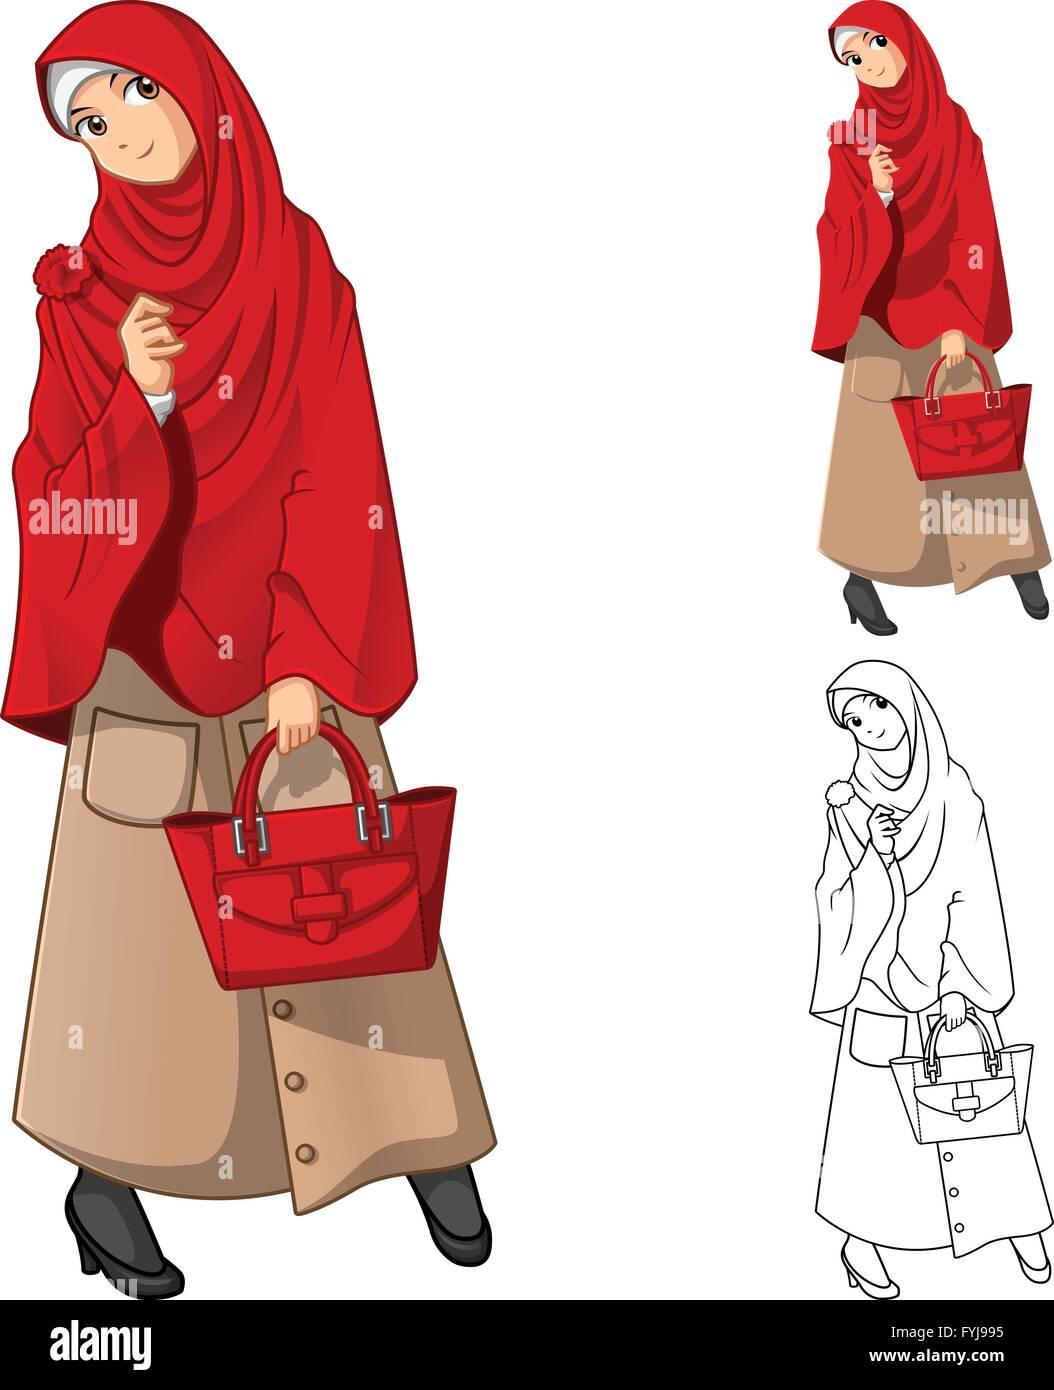 Mode Femme Musulmane Portant Le Voile Ou Un Foulard Rouge A La Detention D Un Sac Television Conception Et Dessin Anime Version Decrit Image Vectorielle Stock Alamy